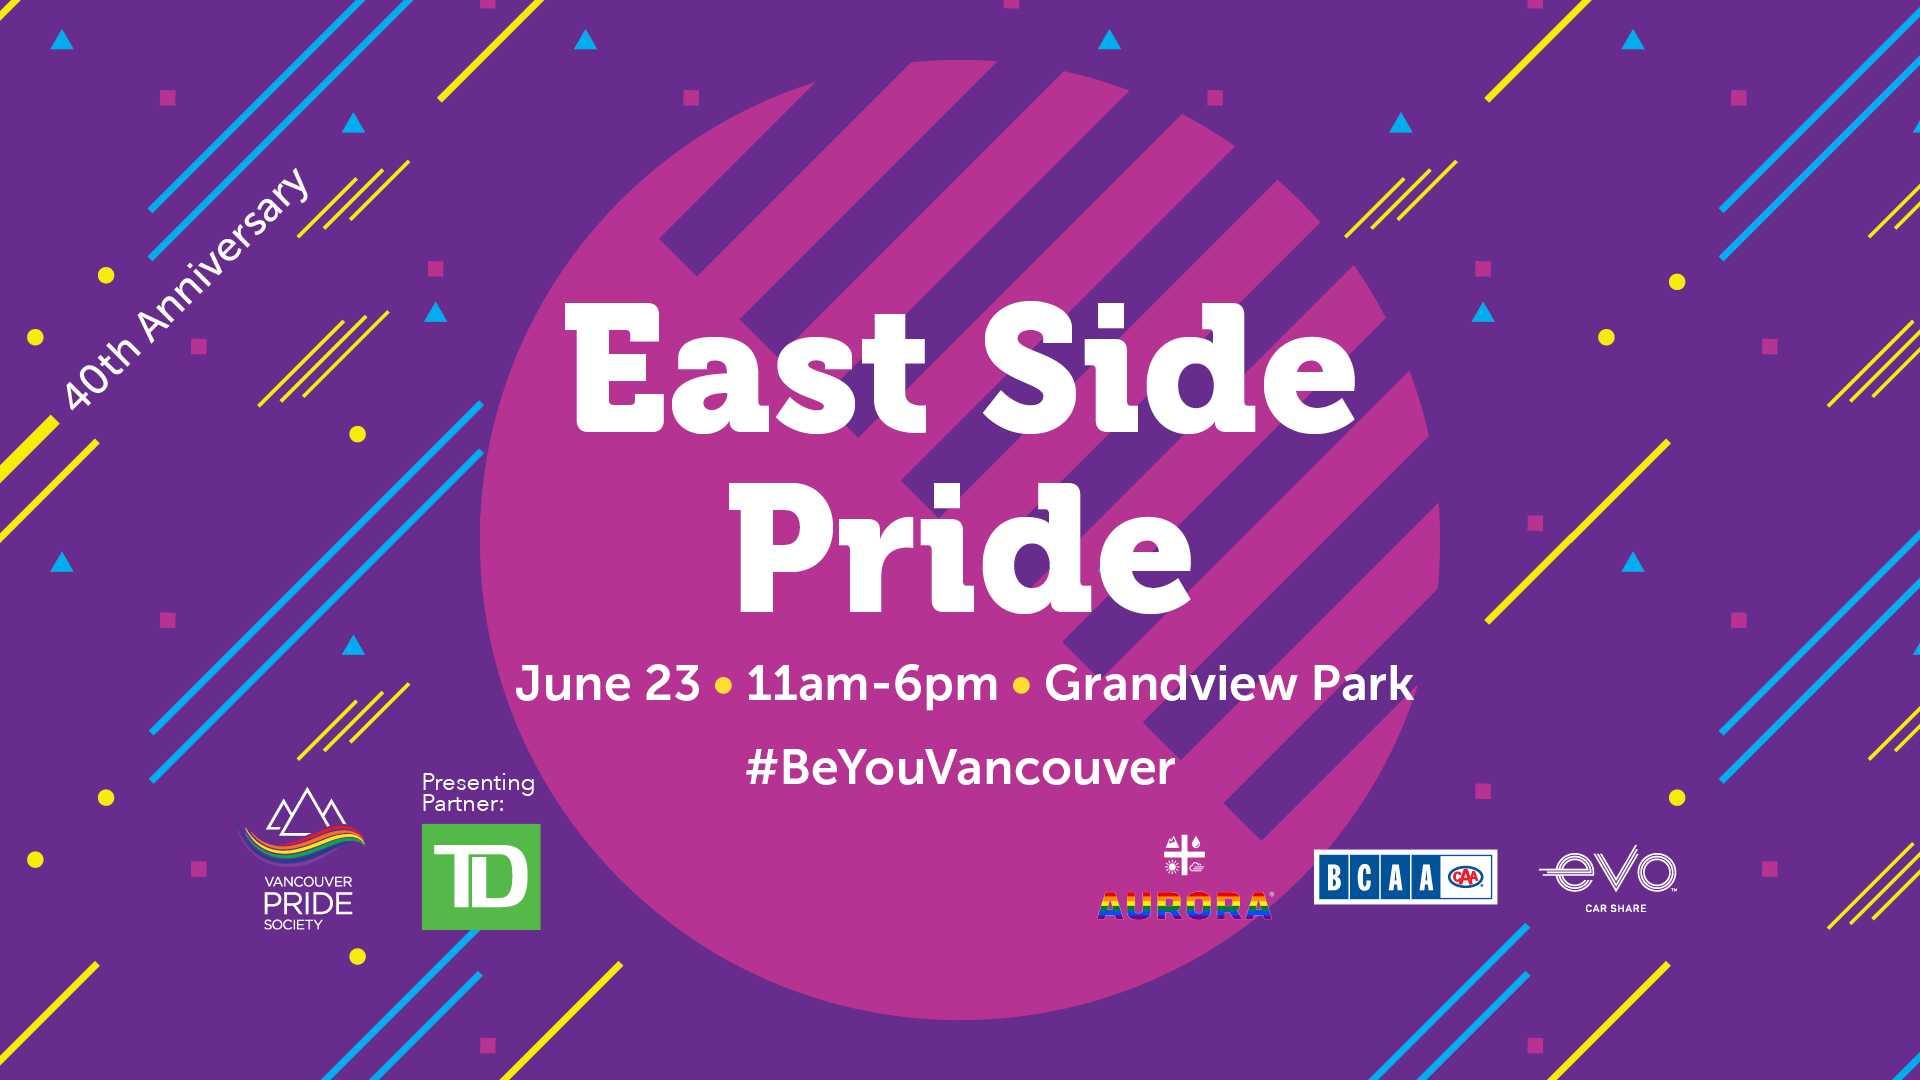 2018 East Side Pride